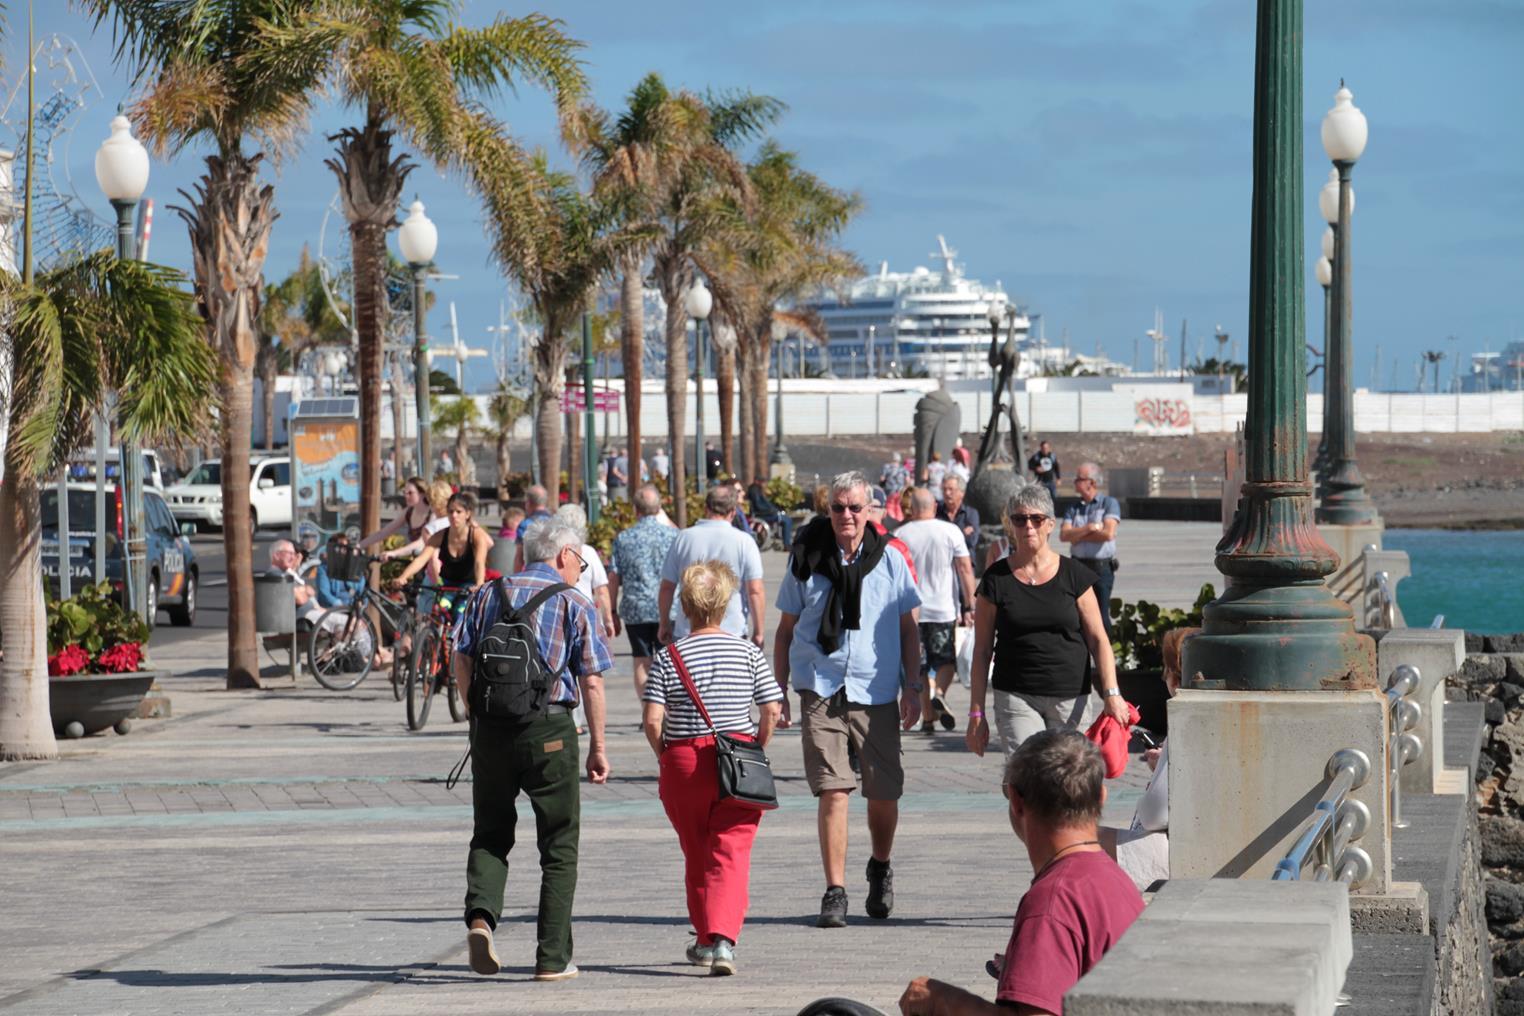 La peatonalización de Arrecife la convierte en una ciudad moderna que promueve el bienestar y la interacción social